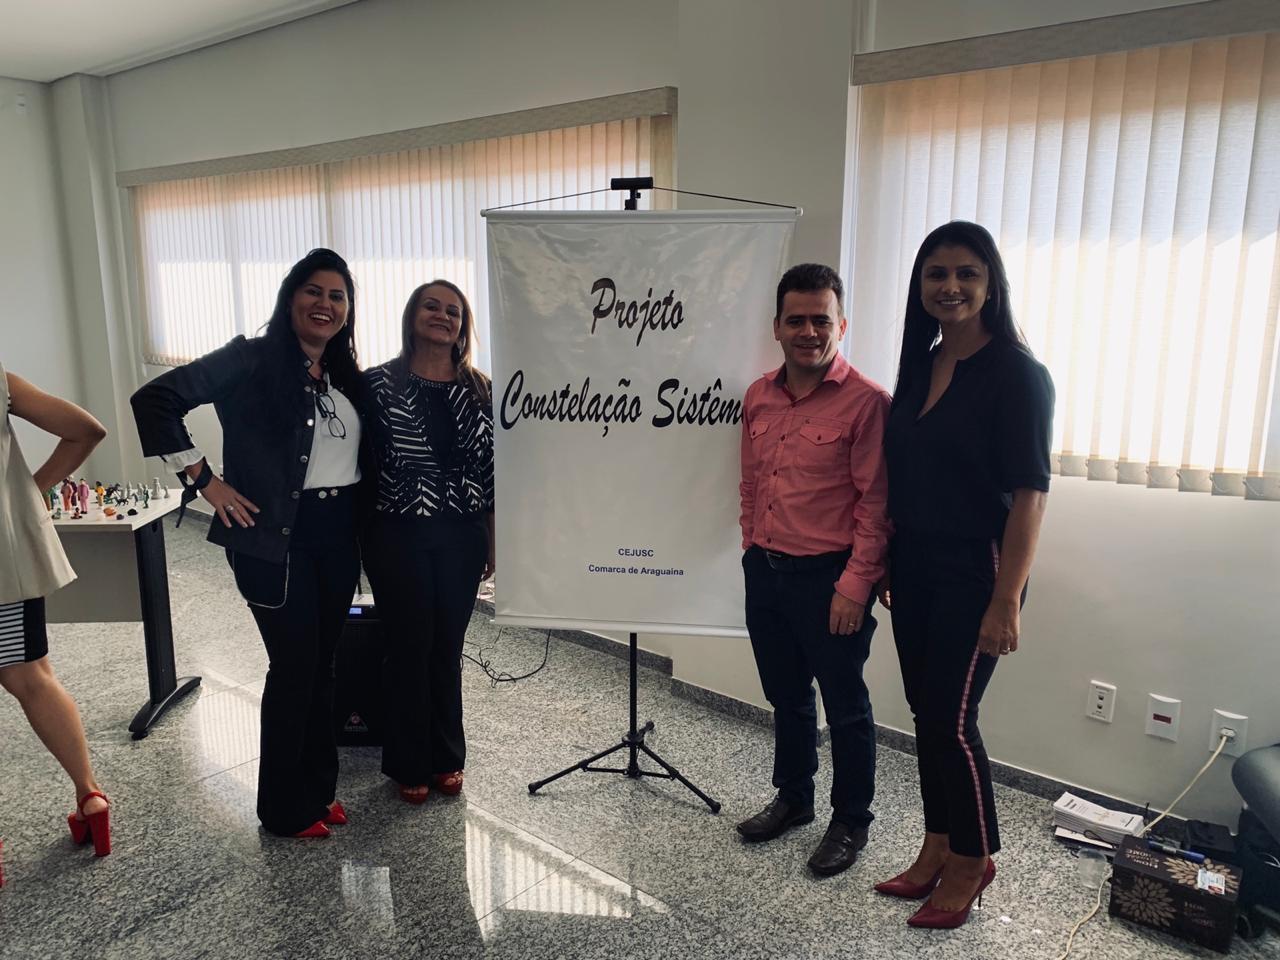 CEJUSC de Araguaína realiza Projeto Constelação Sistêmica para estimular autocomposição entre as partes